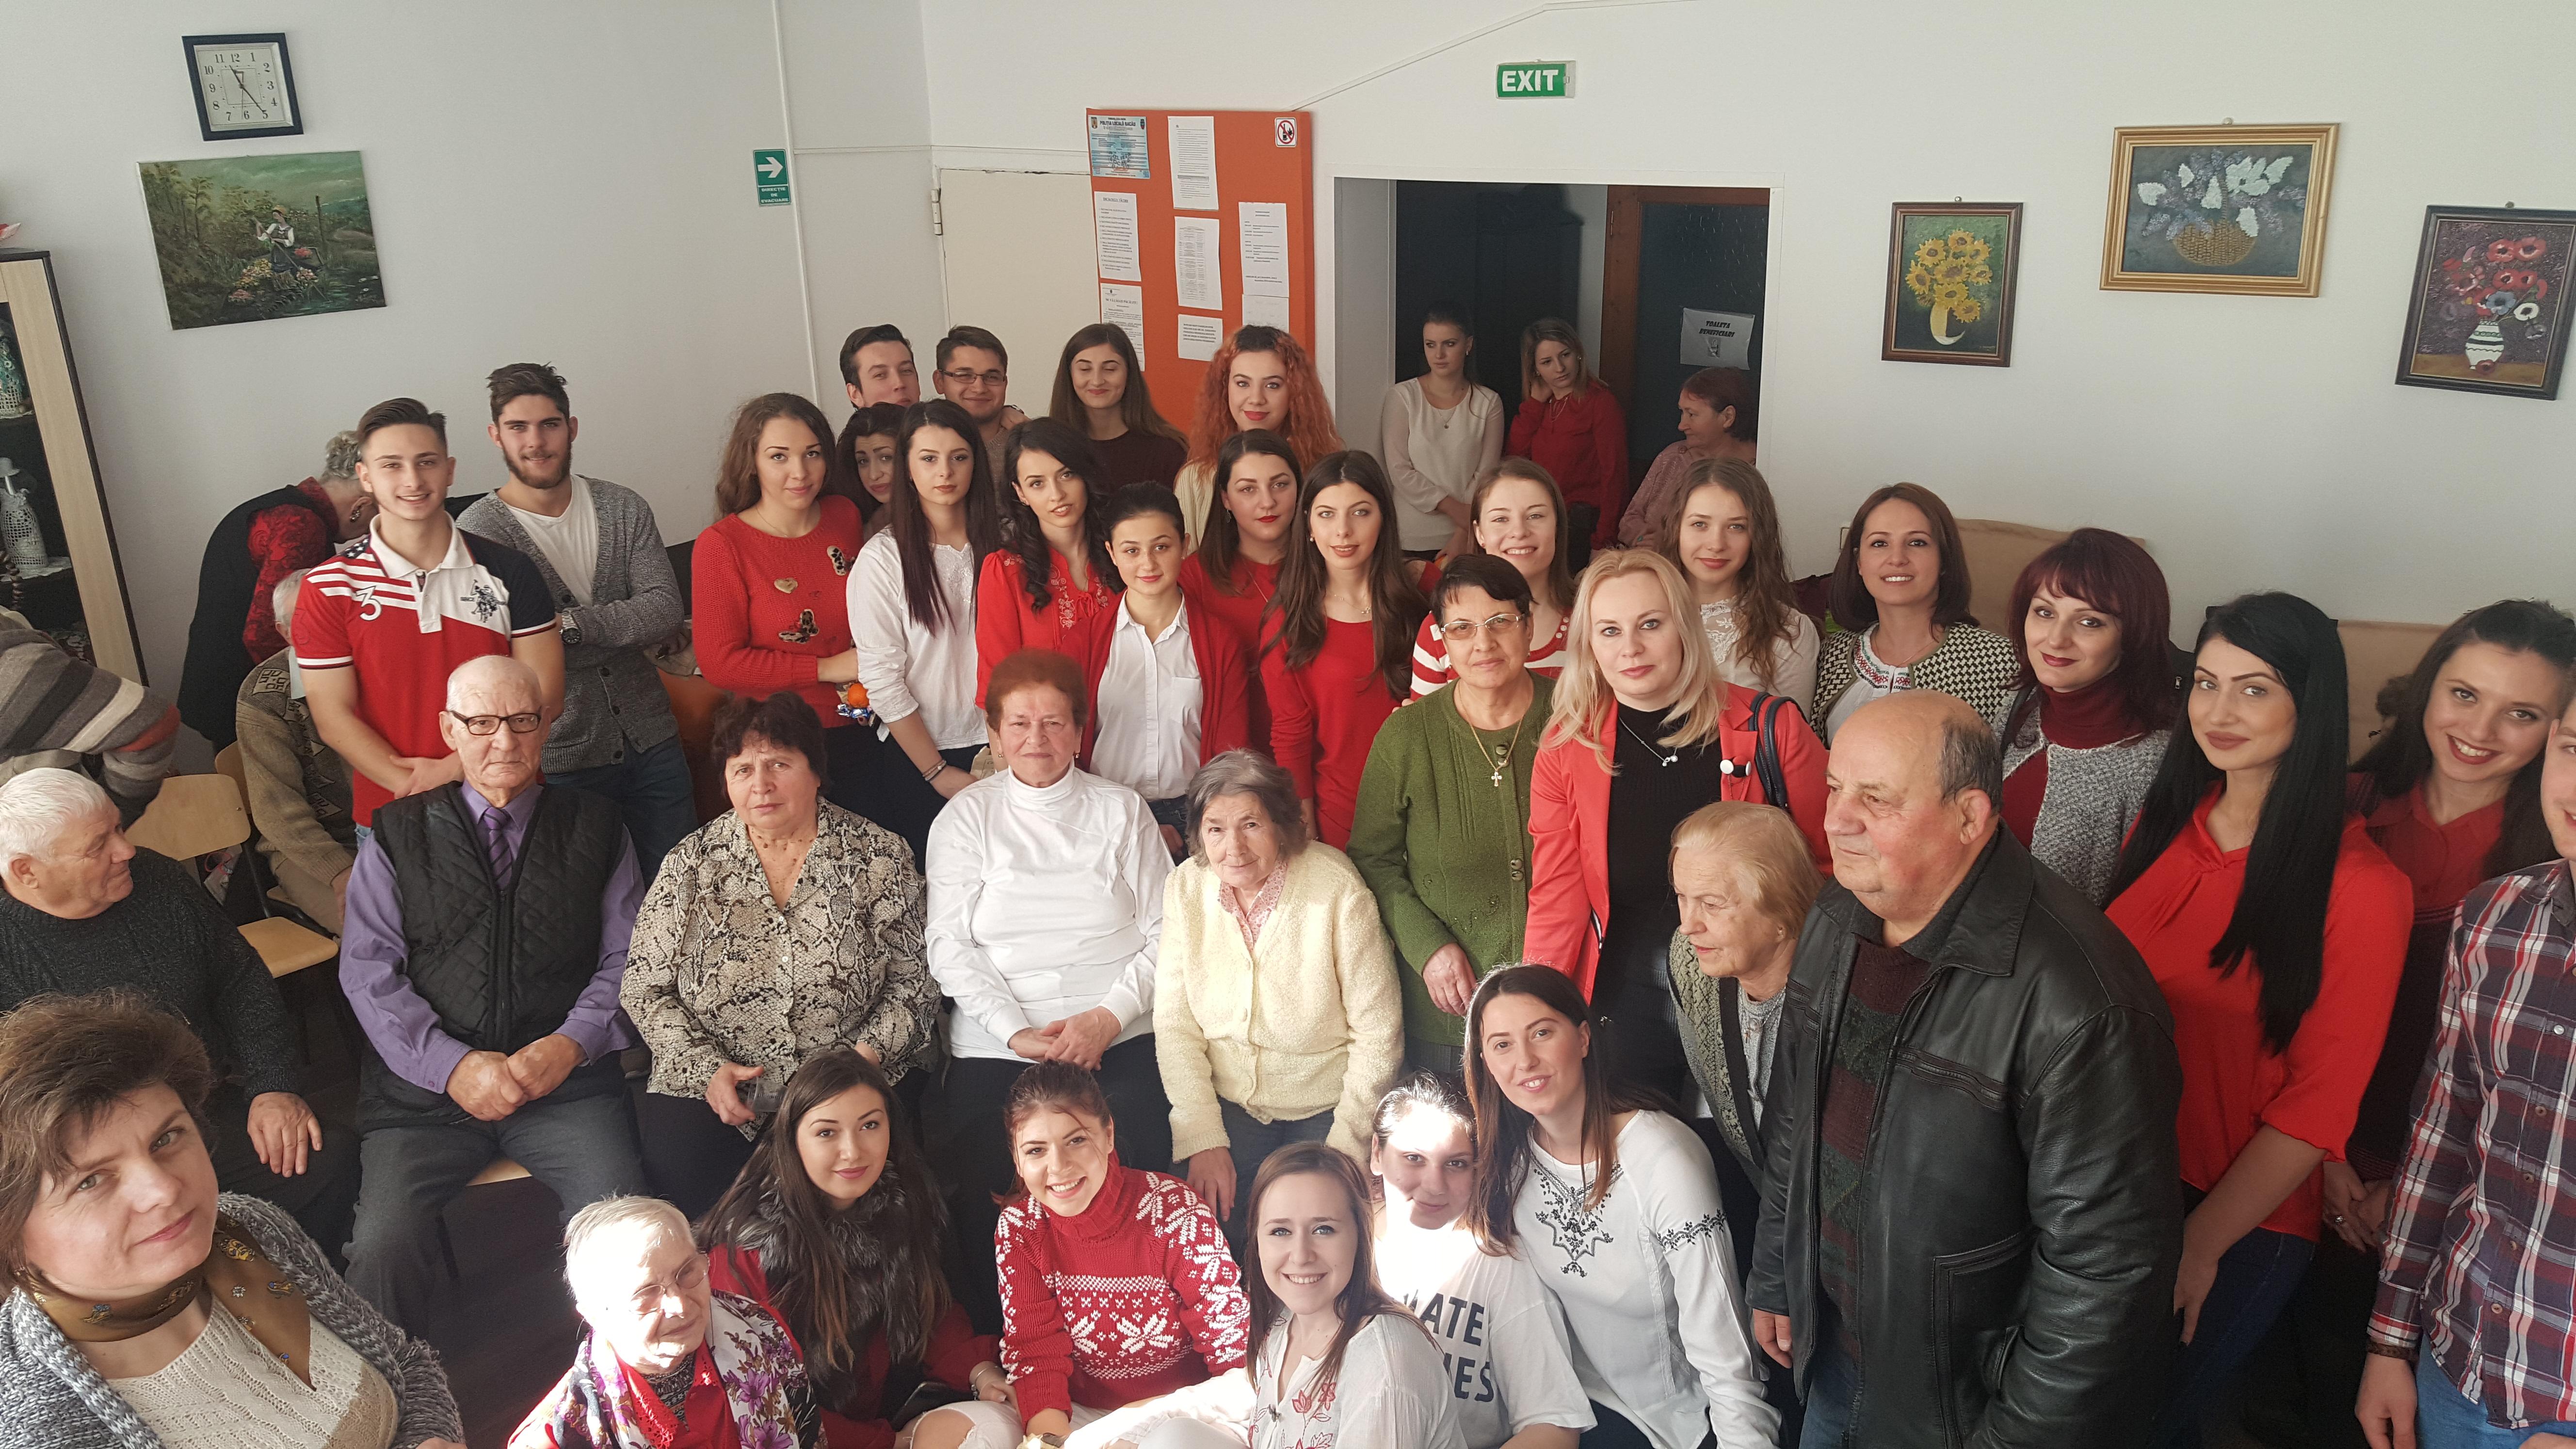 """Campania """"Din suflet pentru un zâmbet"""", la Universitatea """"Vasile Alecsandri"""" din Bacău"""